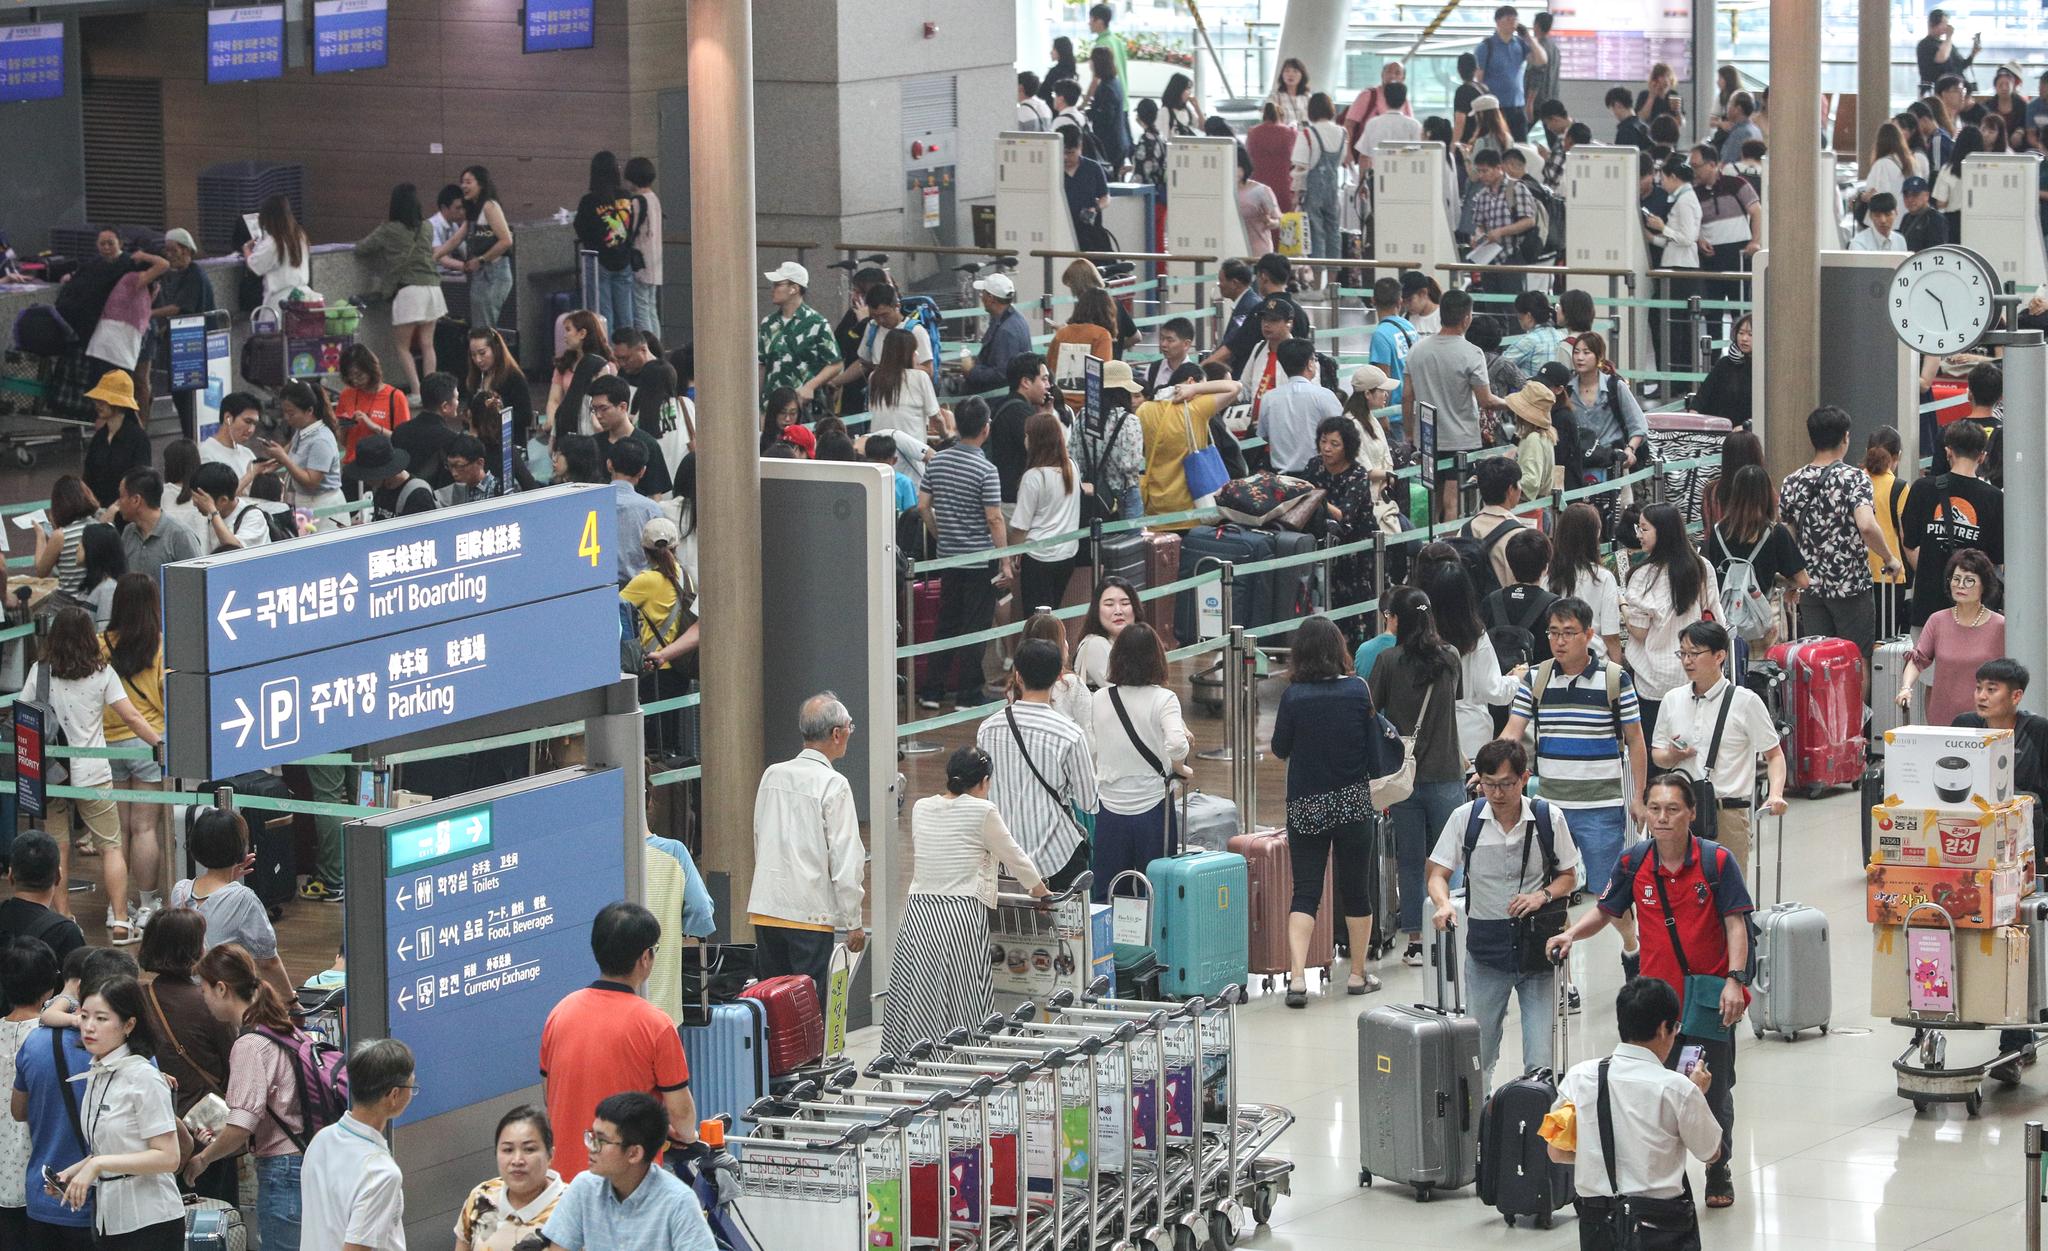 본격적인 여름 휴가철을 맞은 22일 오전 인천국제공항 제1터미널이 여행객들로 붐비고 있다. [뉴스1]